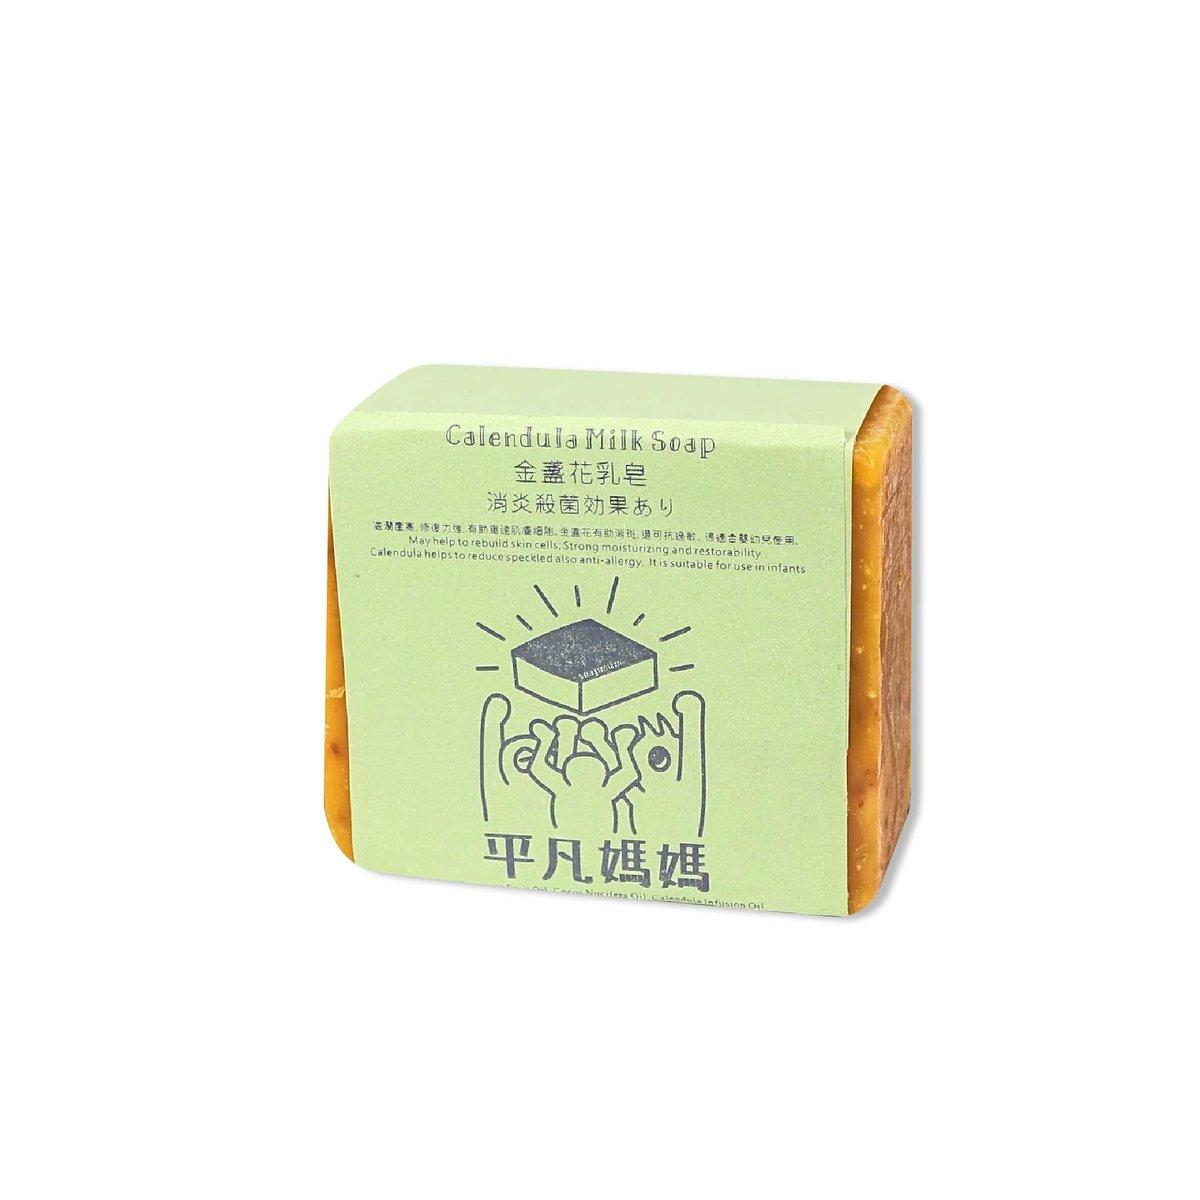 Natural Hand Made Calendula Milk Soap 100g (+/-8g)